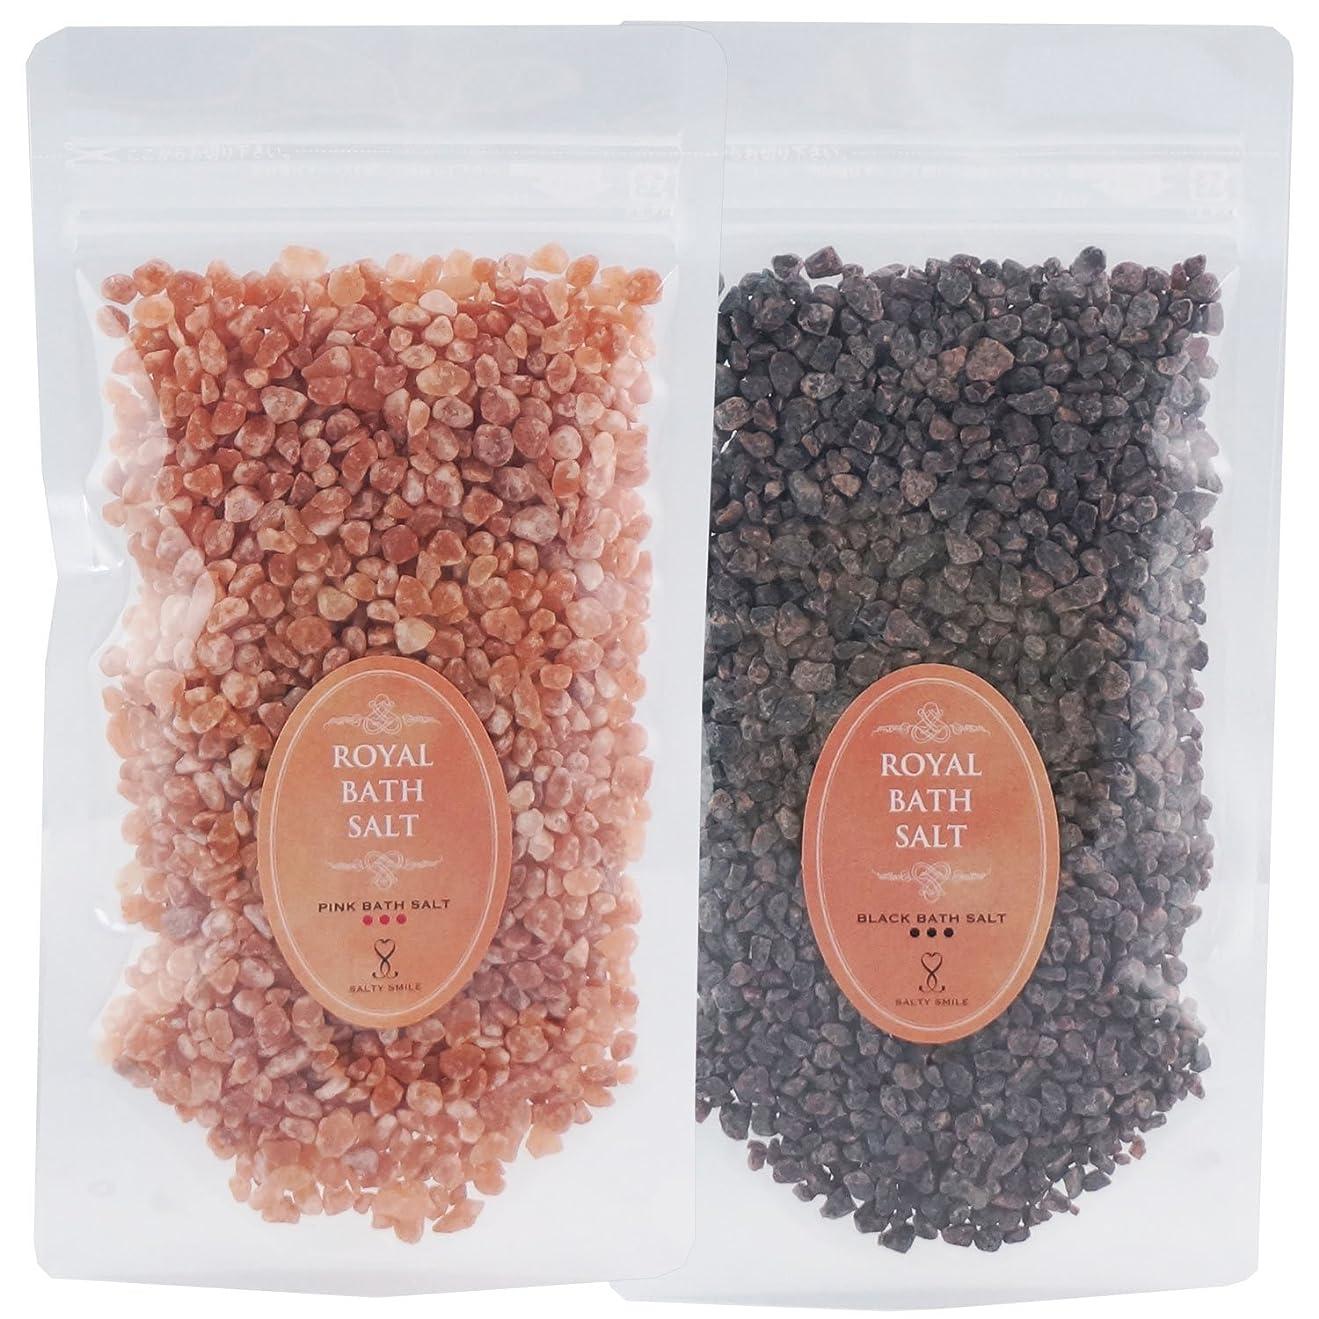 締め切り咽頭前奏曲ロイヤル バスソルト ヒマラヤ岩塩 ピンク ブラック グレイン 各200g 粗粒 ROYAL BATH SALT